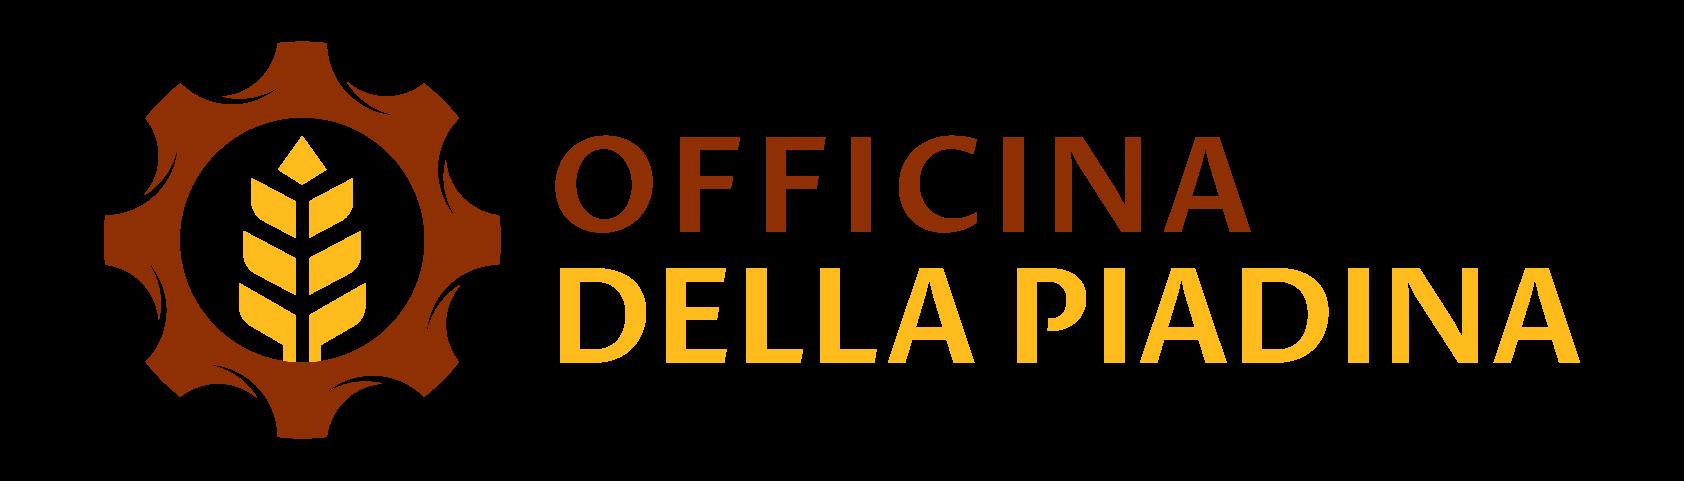 Officina della piadina Lecco